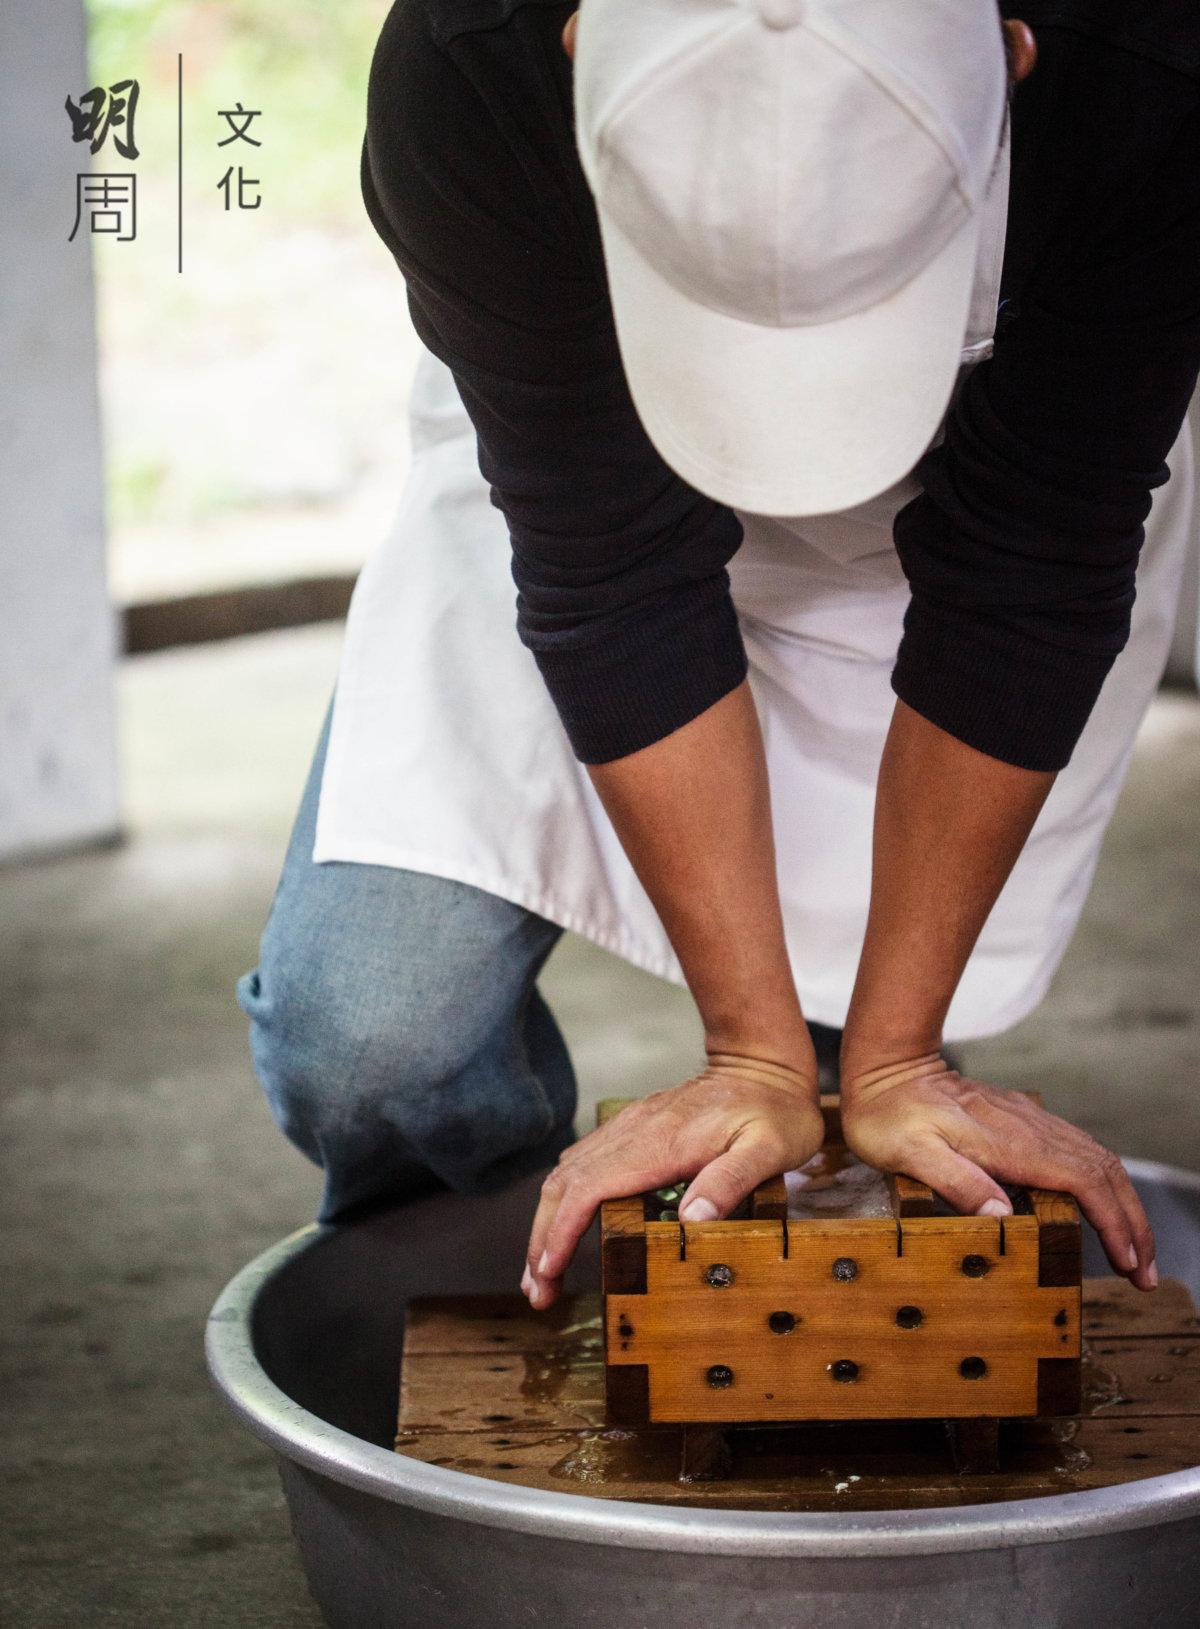 客人可以體驗泥火山豆腐的製作過程